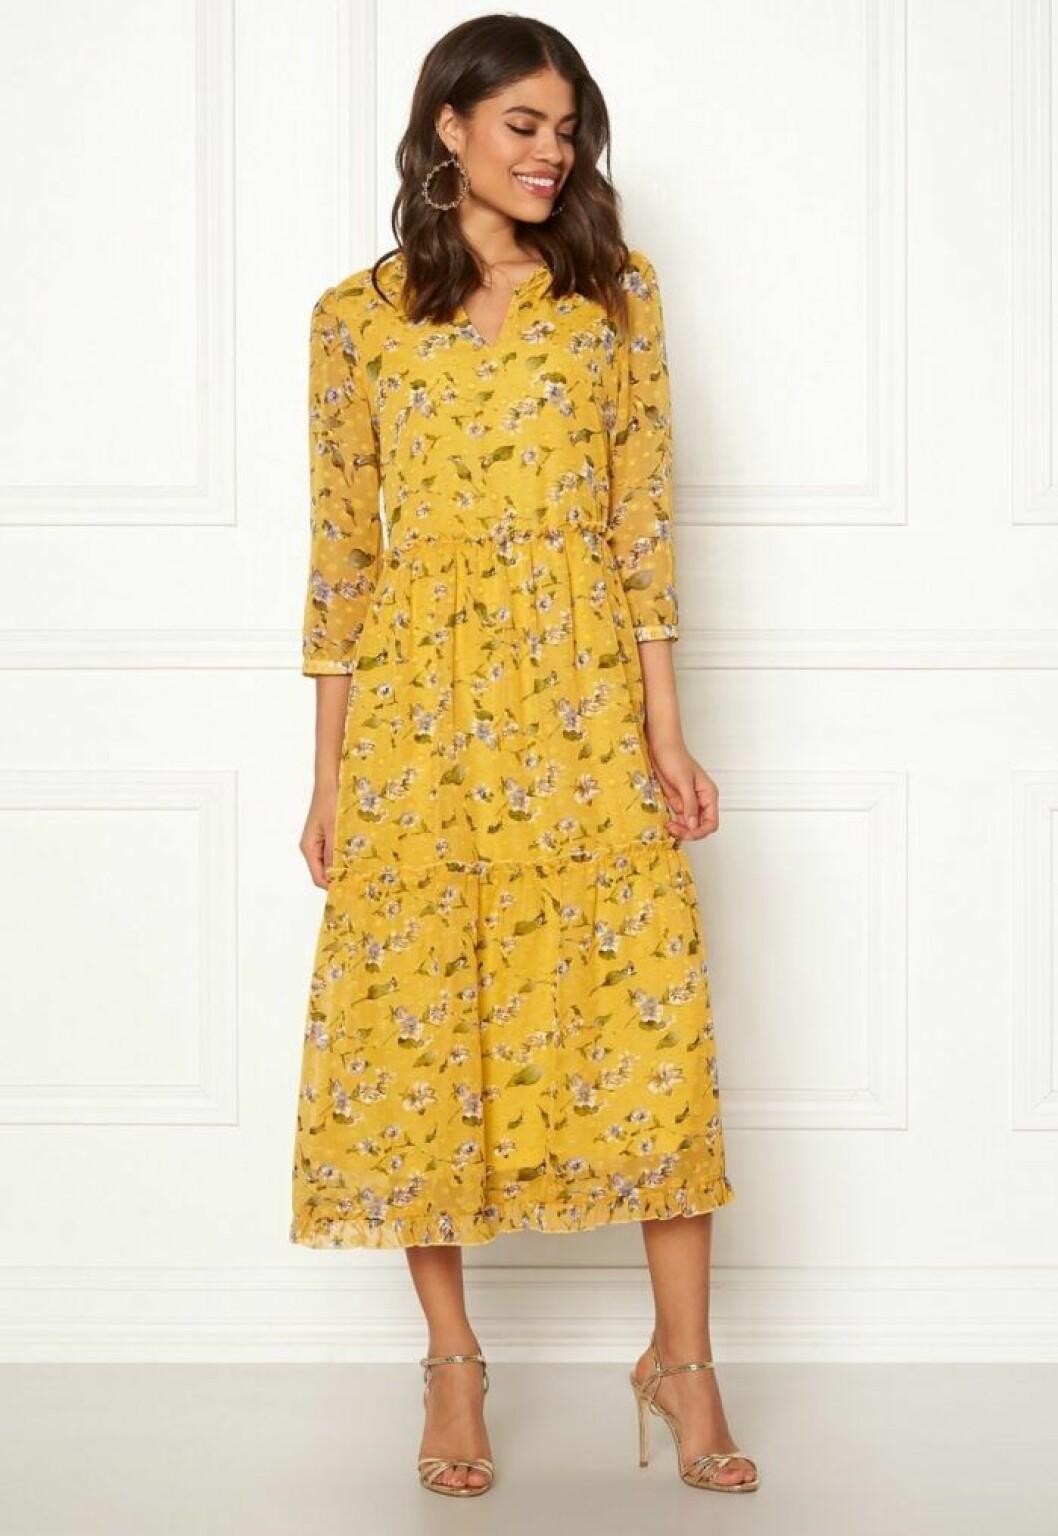 Blommigt gul klänning